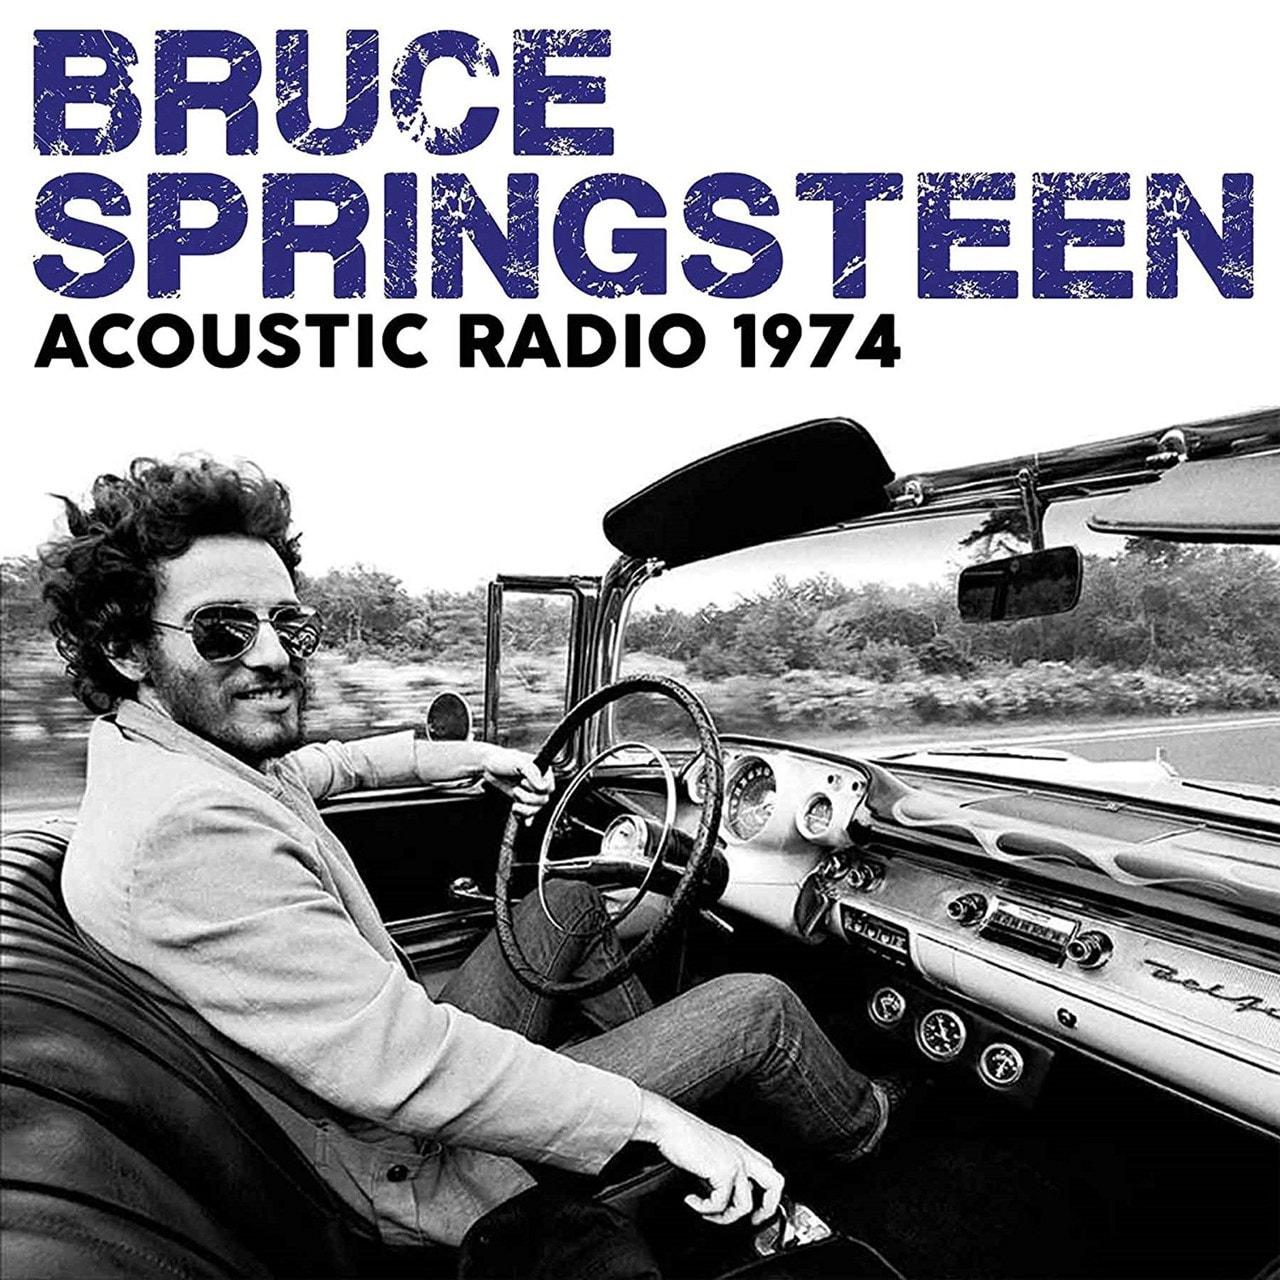 Acoustic Radio 1974 - 1